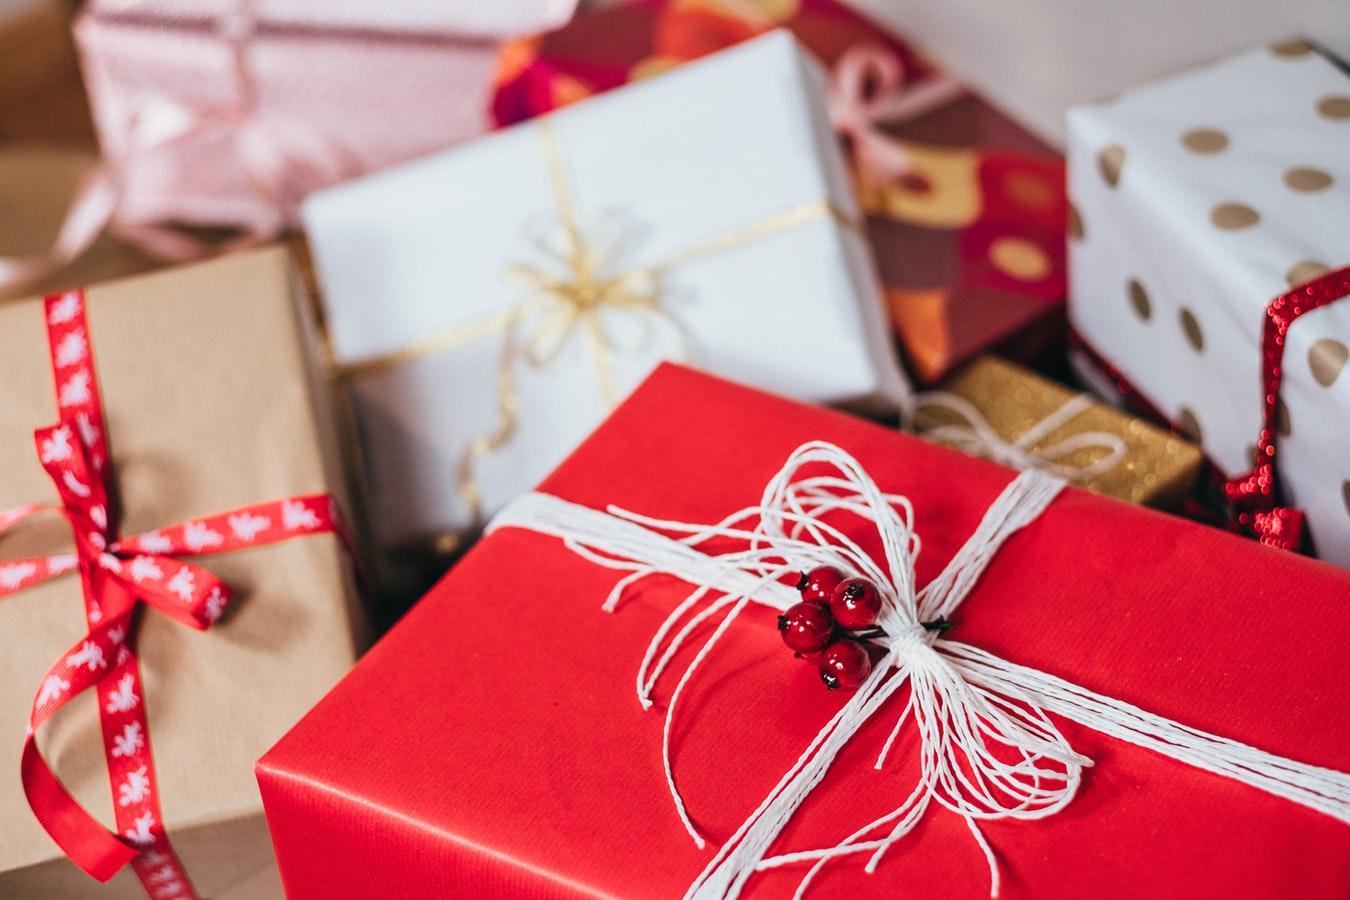 De leukste cadeaus om je allergrootste liefde mee te verrassen